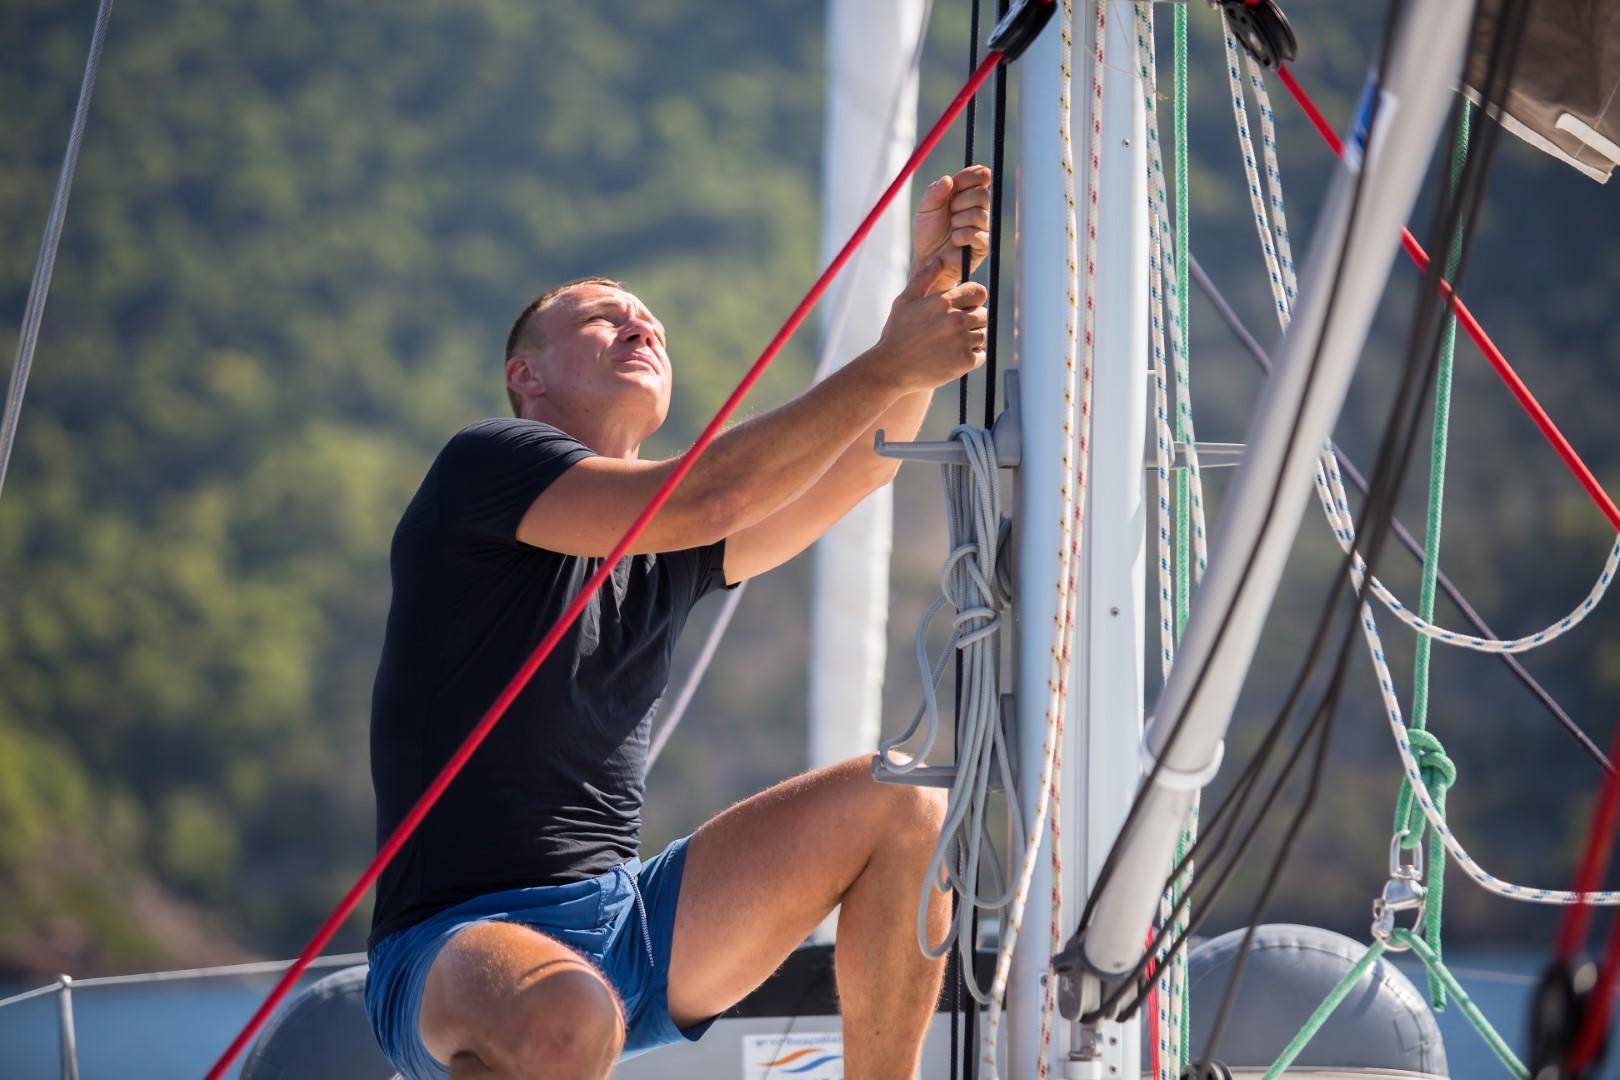 skipper-sailing-yacht-boat-ropes-man-sea